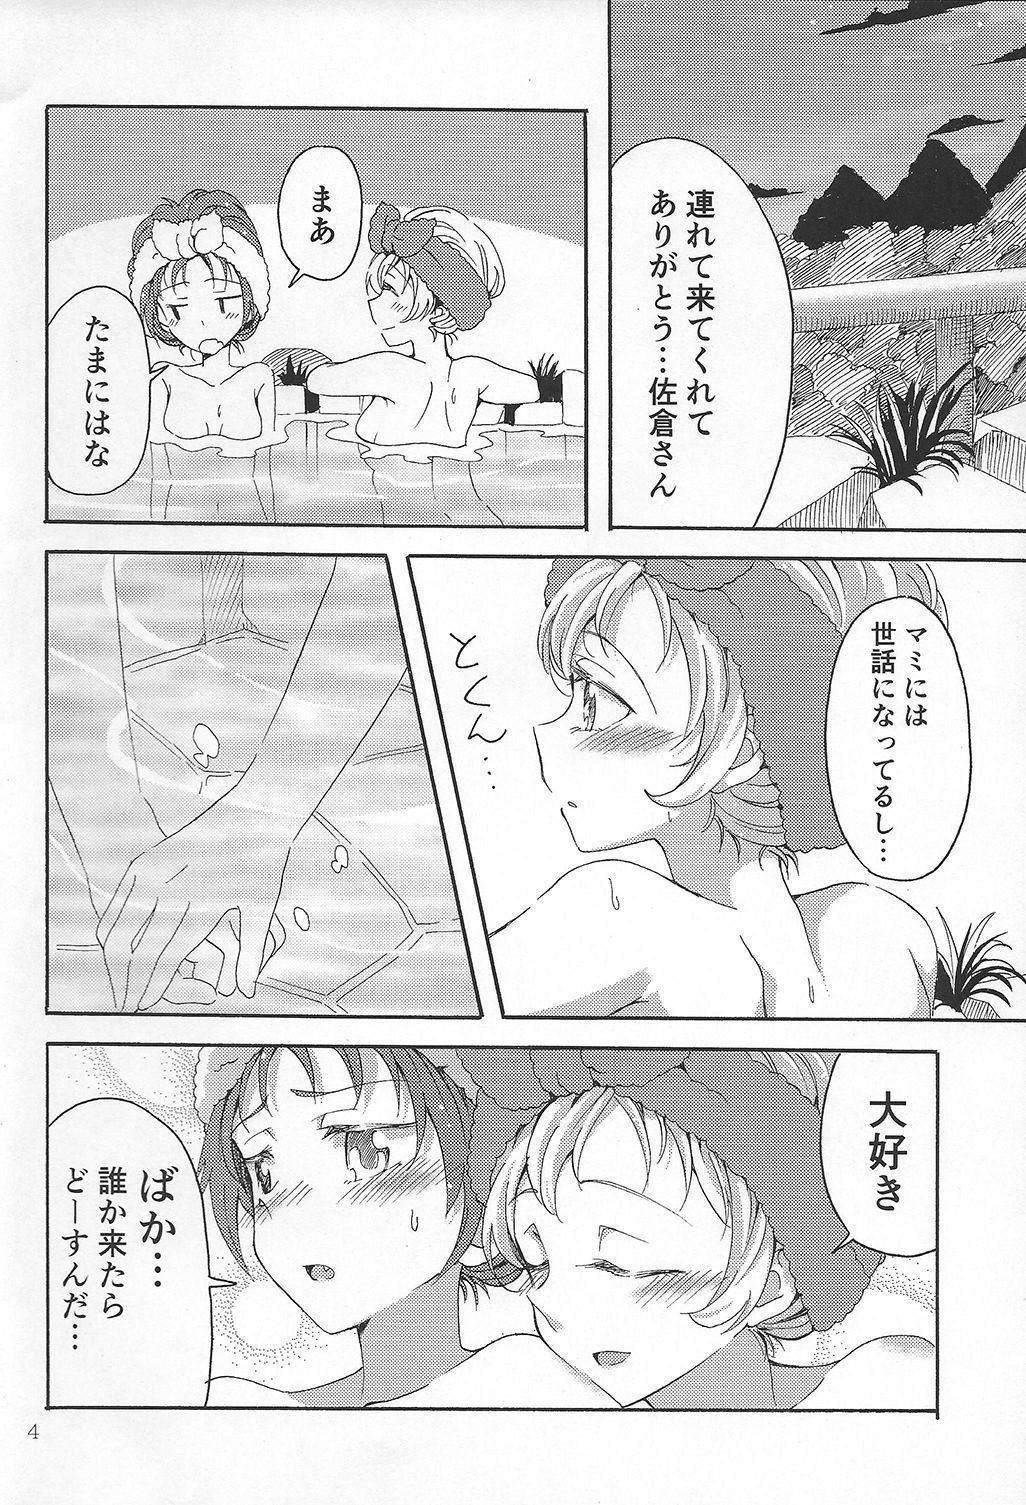 MamiAn! Seikatsu! 4 2